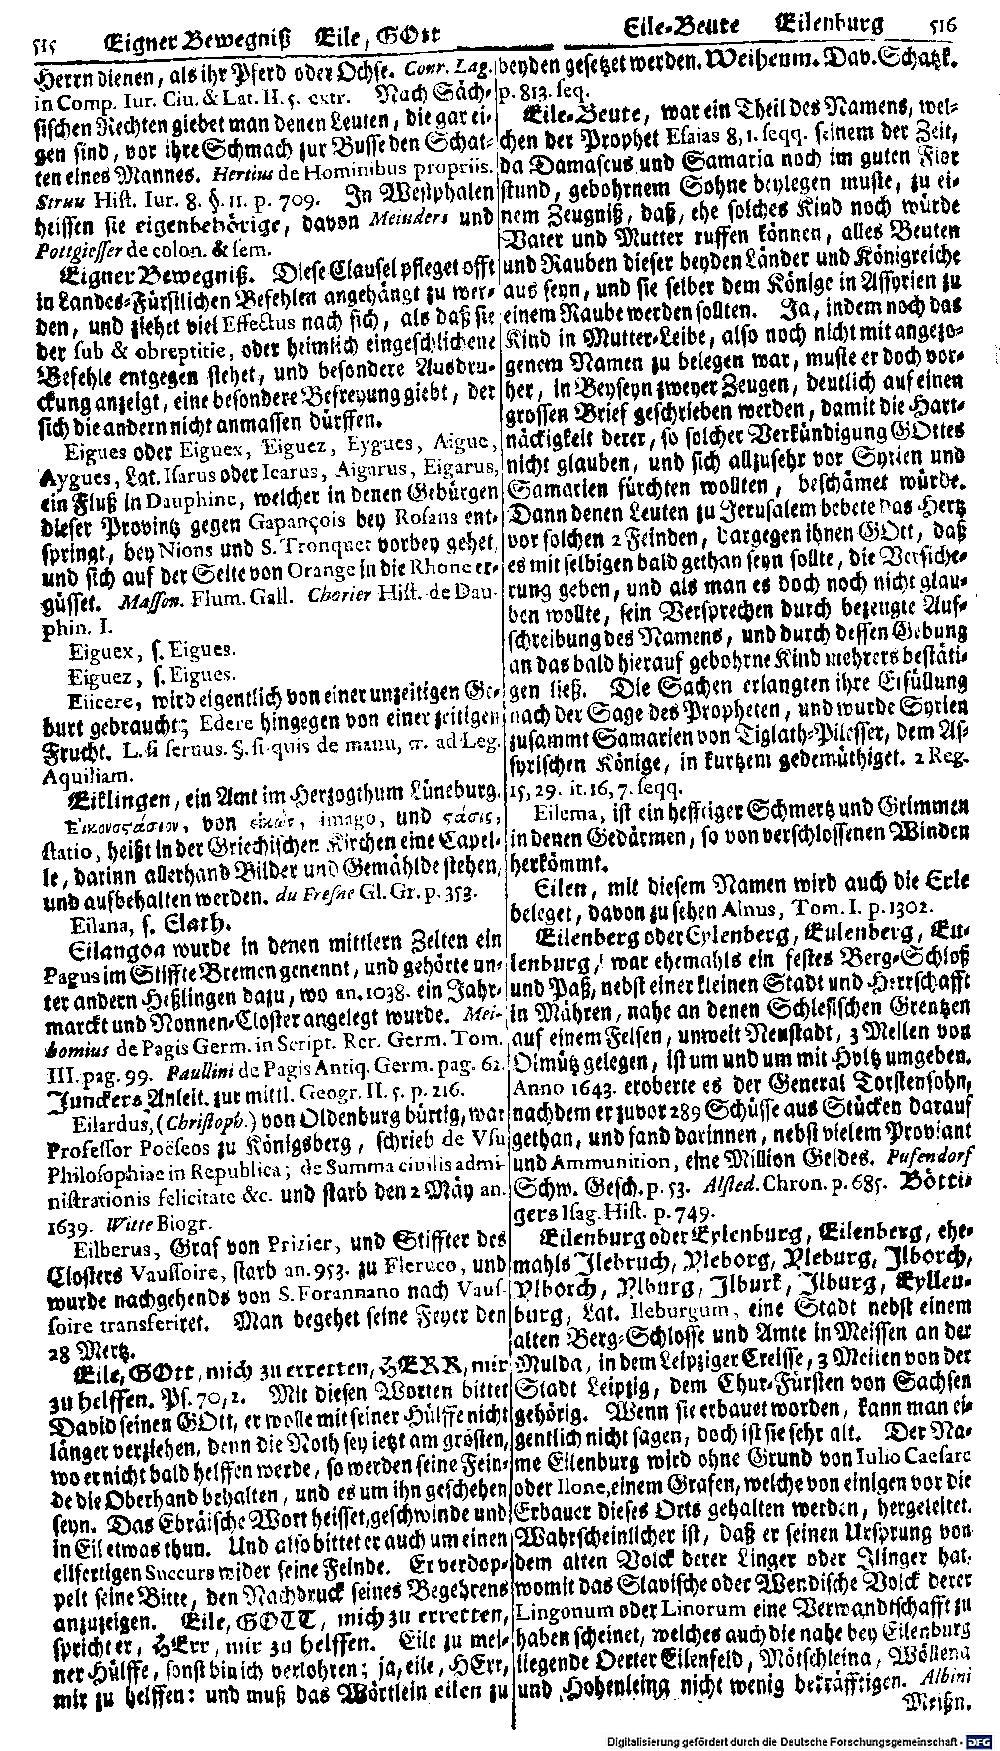 Bd. 8, Seite 0273.